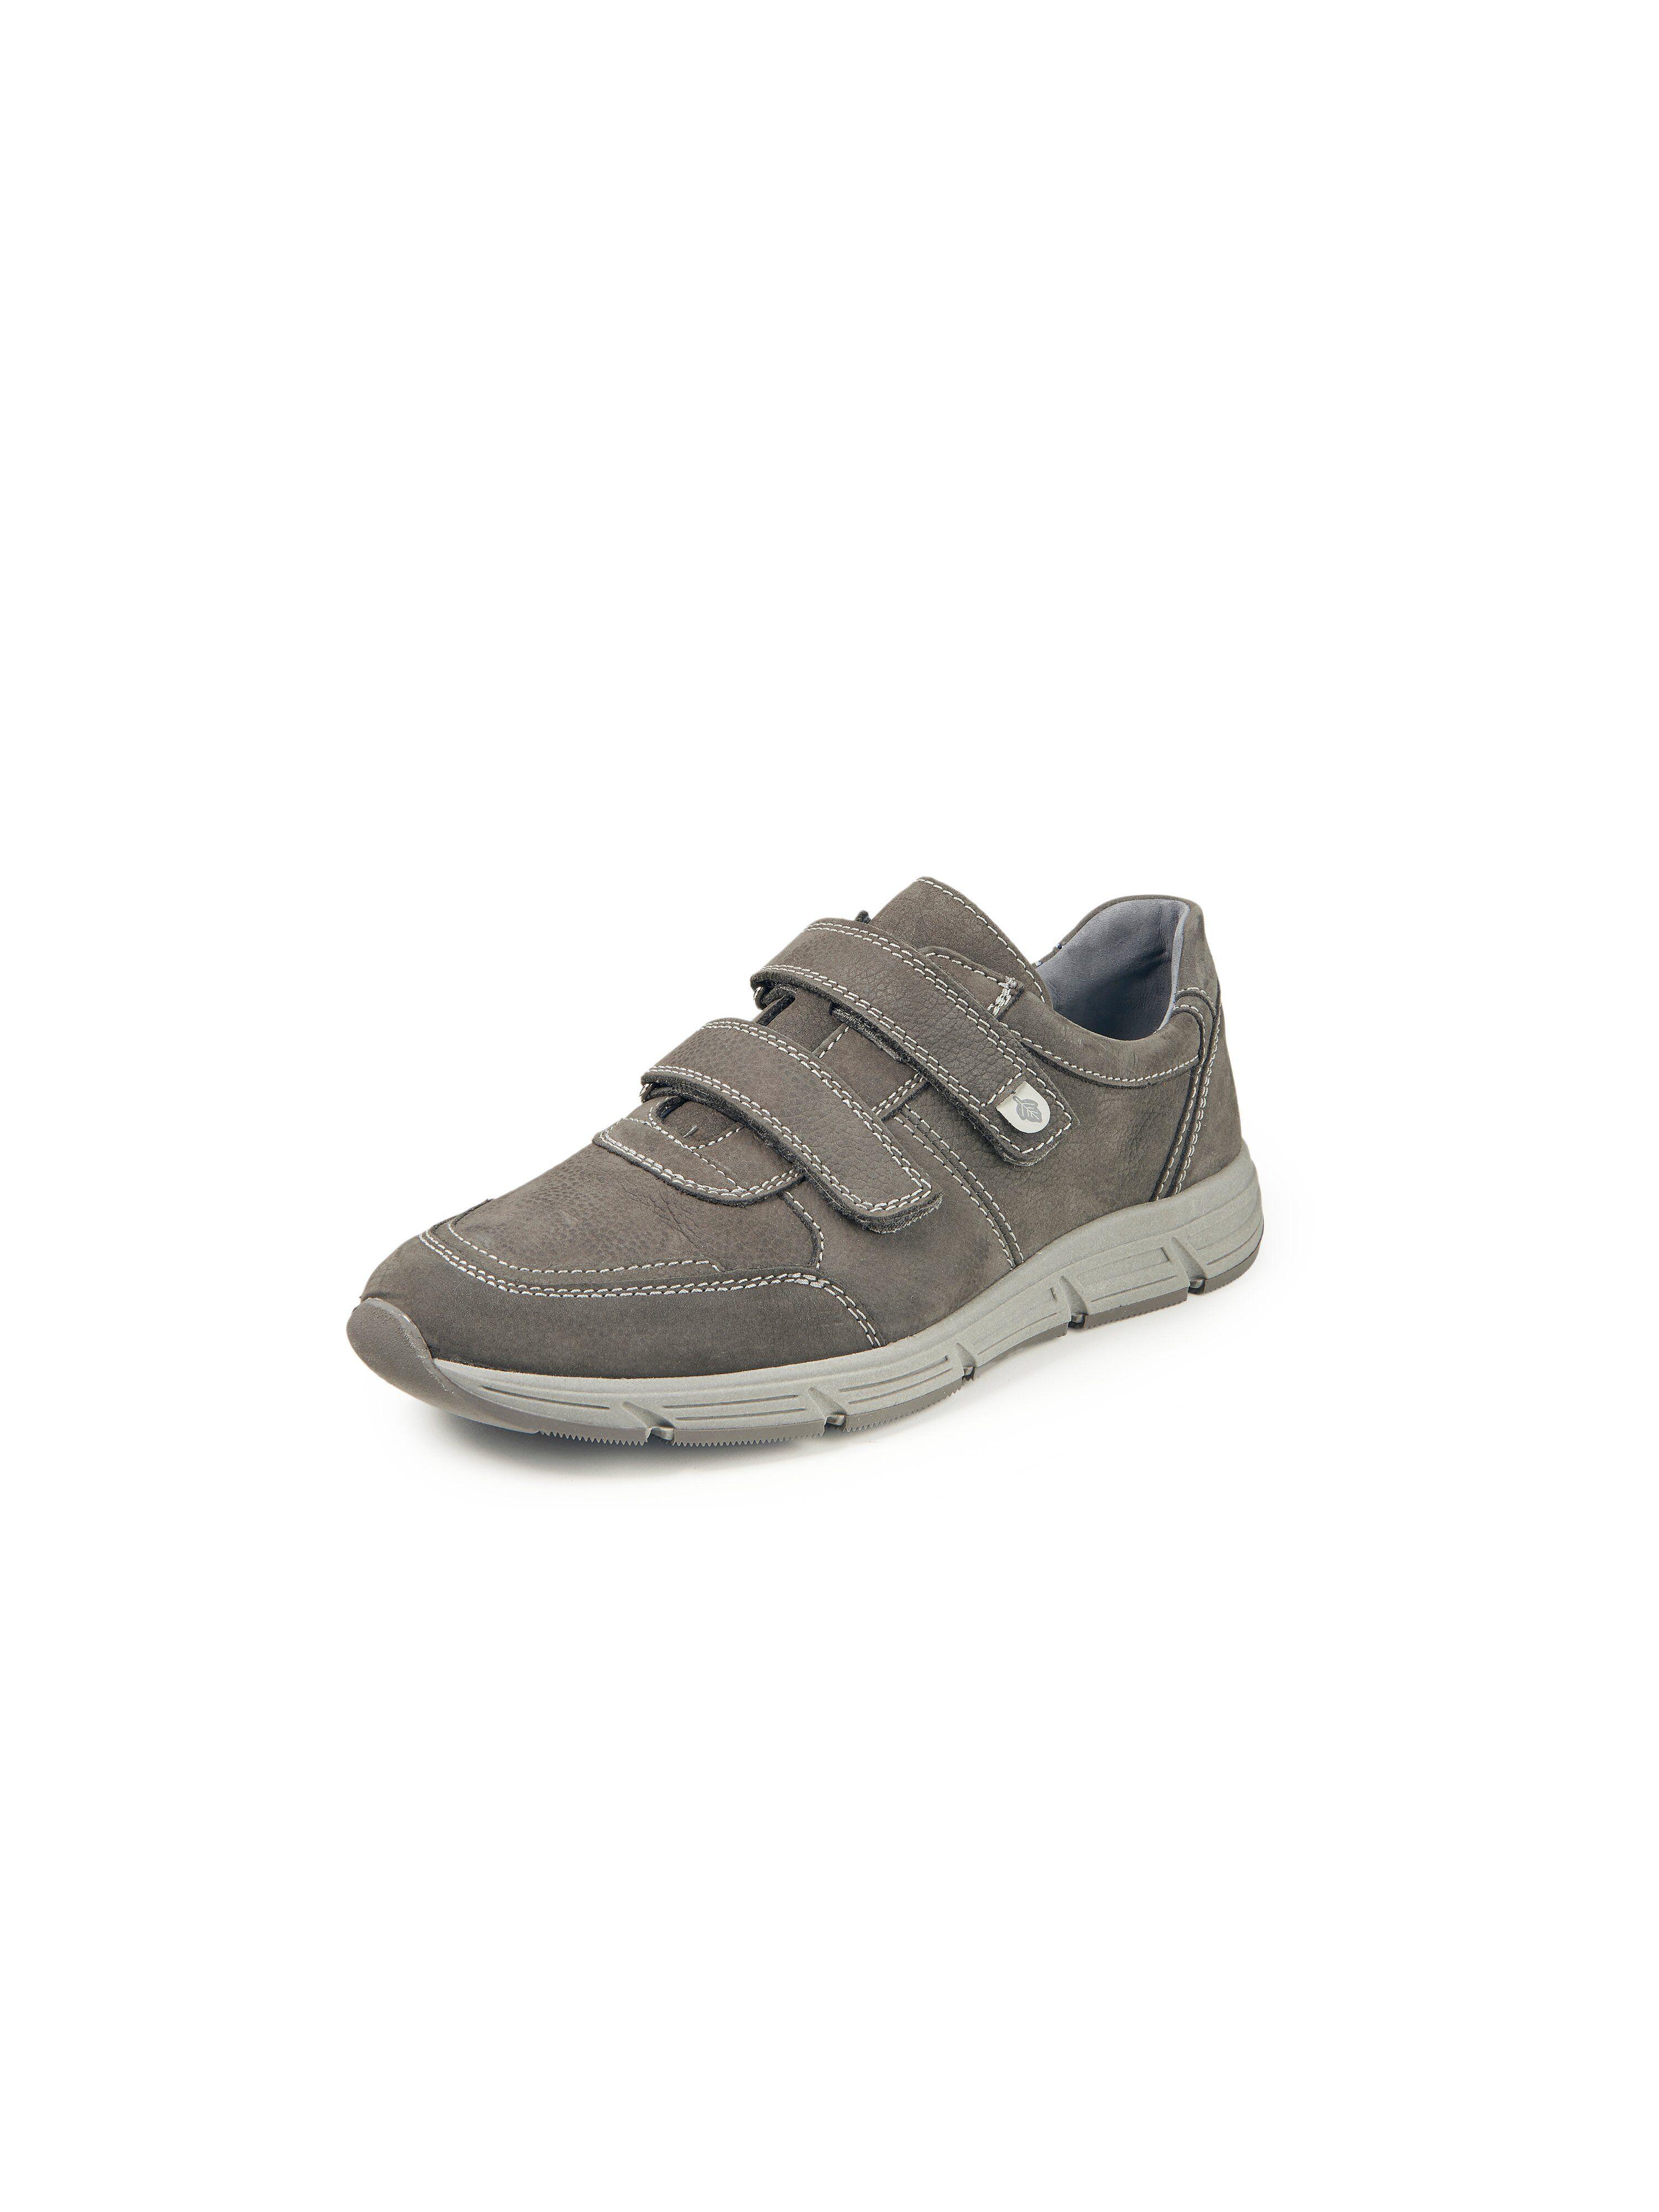 Waldläufer Sneakers Fra Waldläufer grå